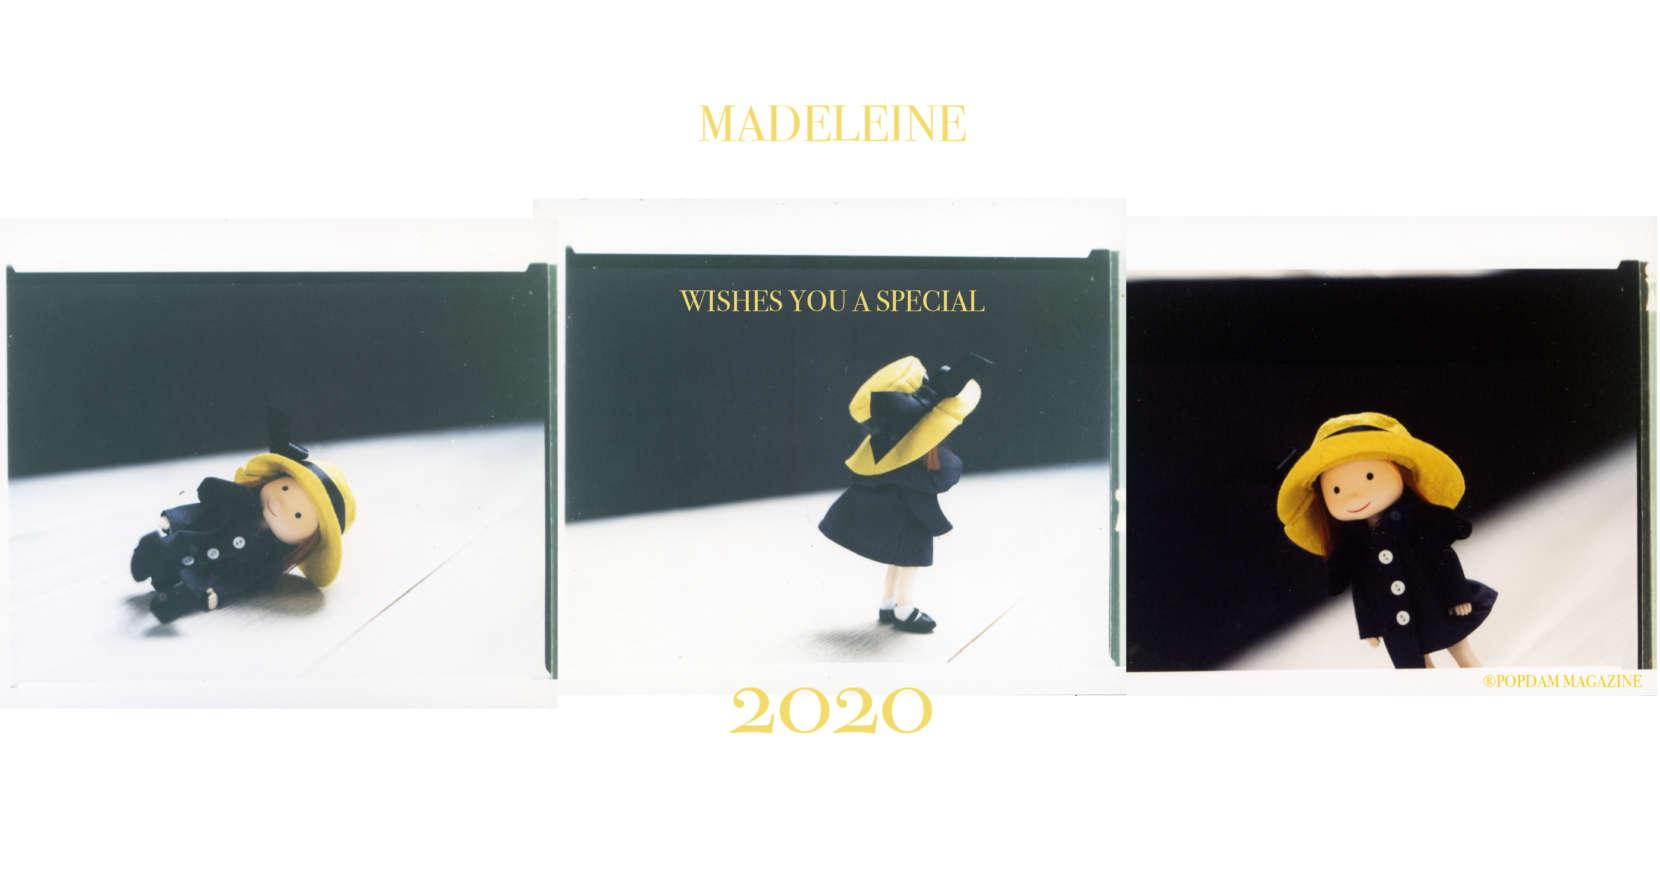 01-TAVOLA-MADELEINE-1660x889.jpg